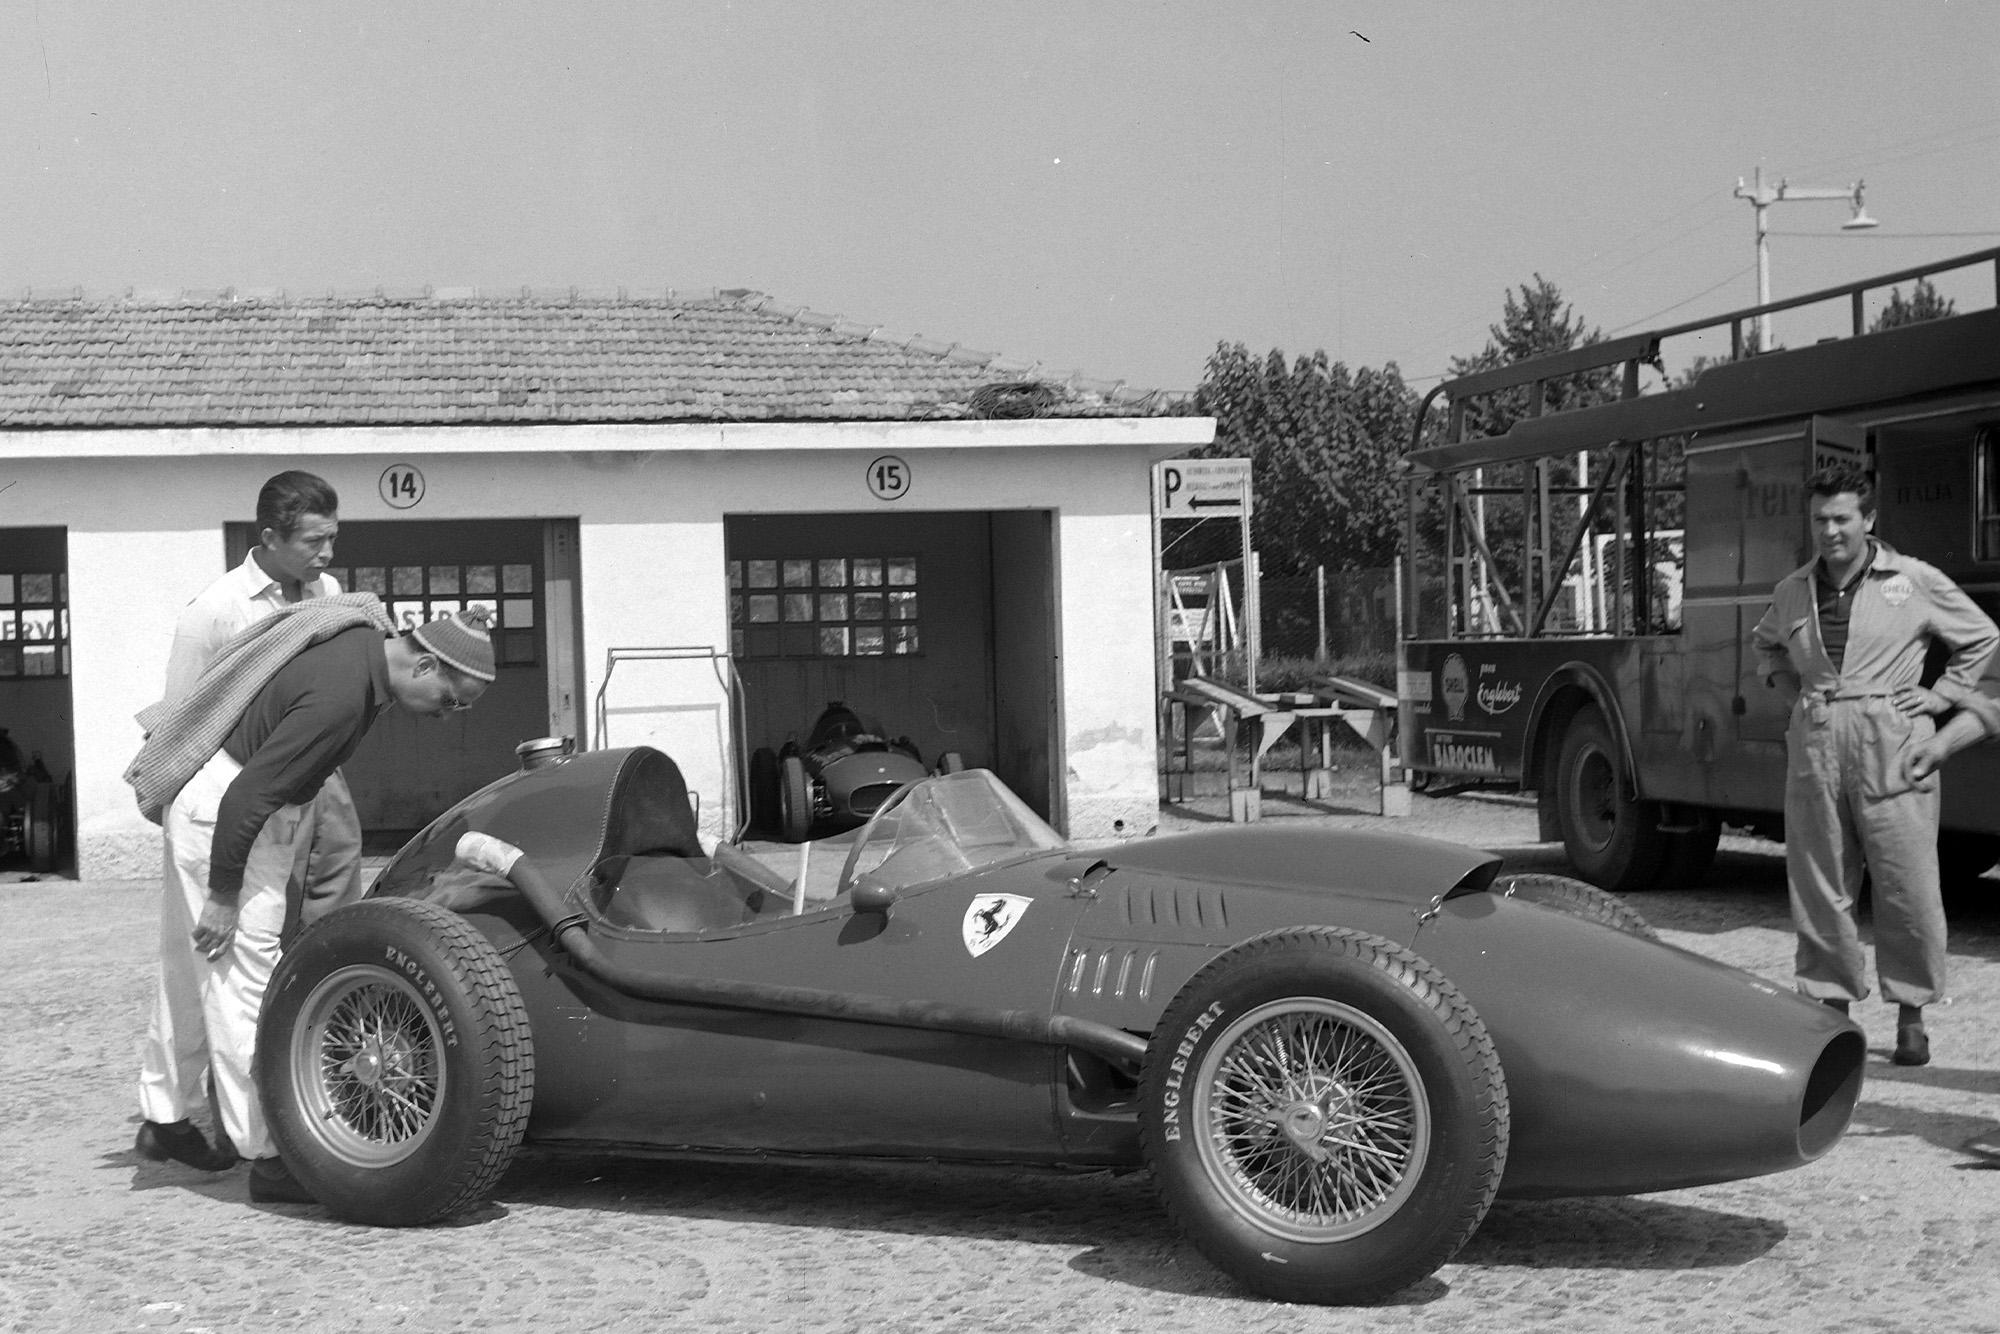 A Ferrari 246 in the paddock